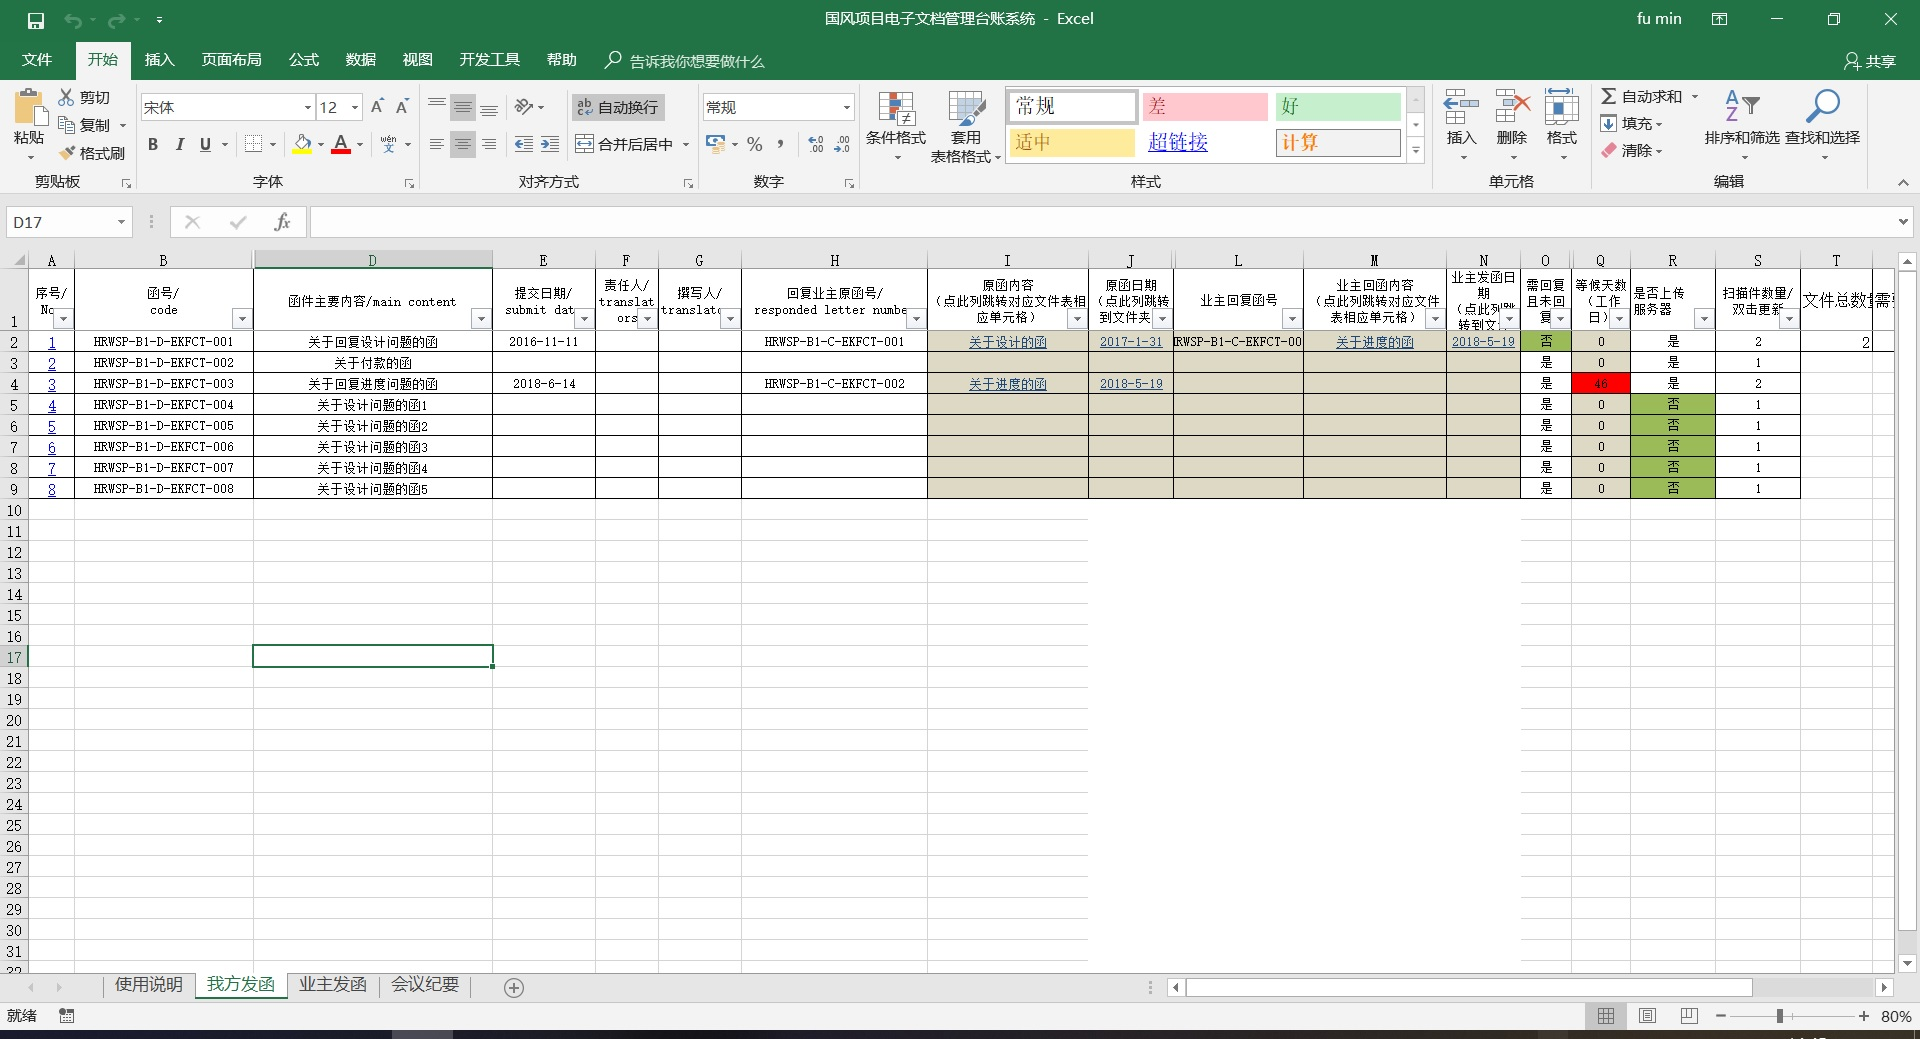 国风项目电子文档管理台账系统 Build 20180818 官方版